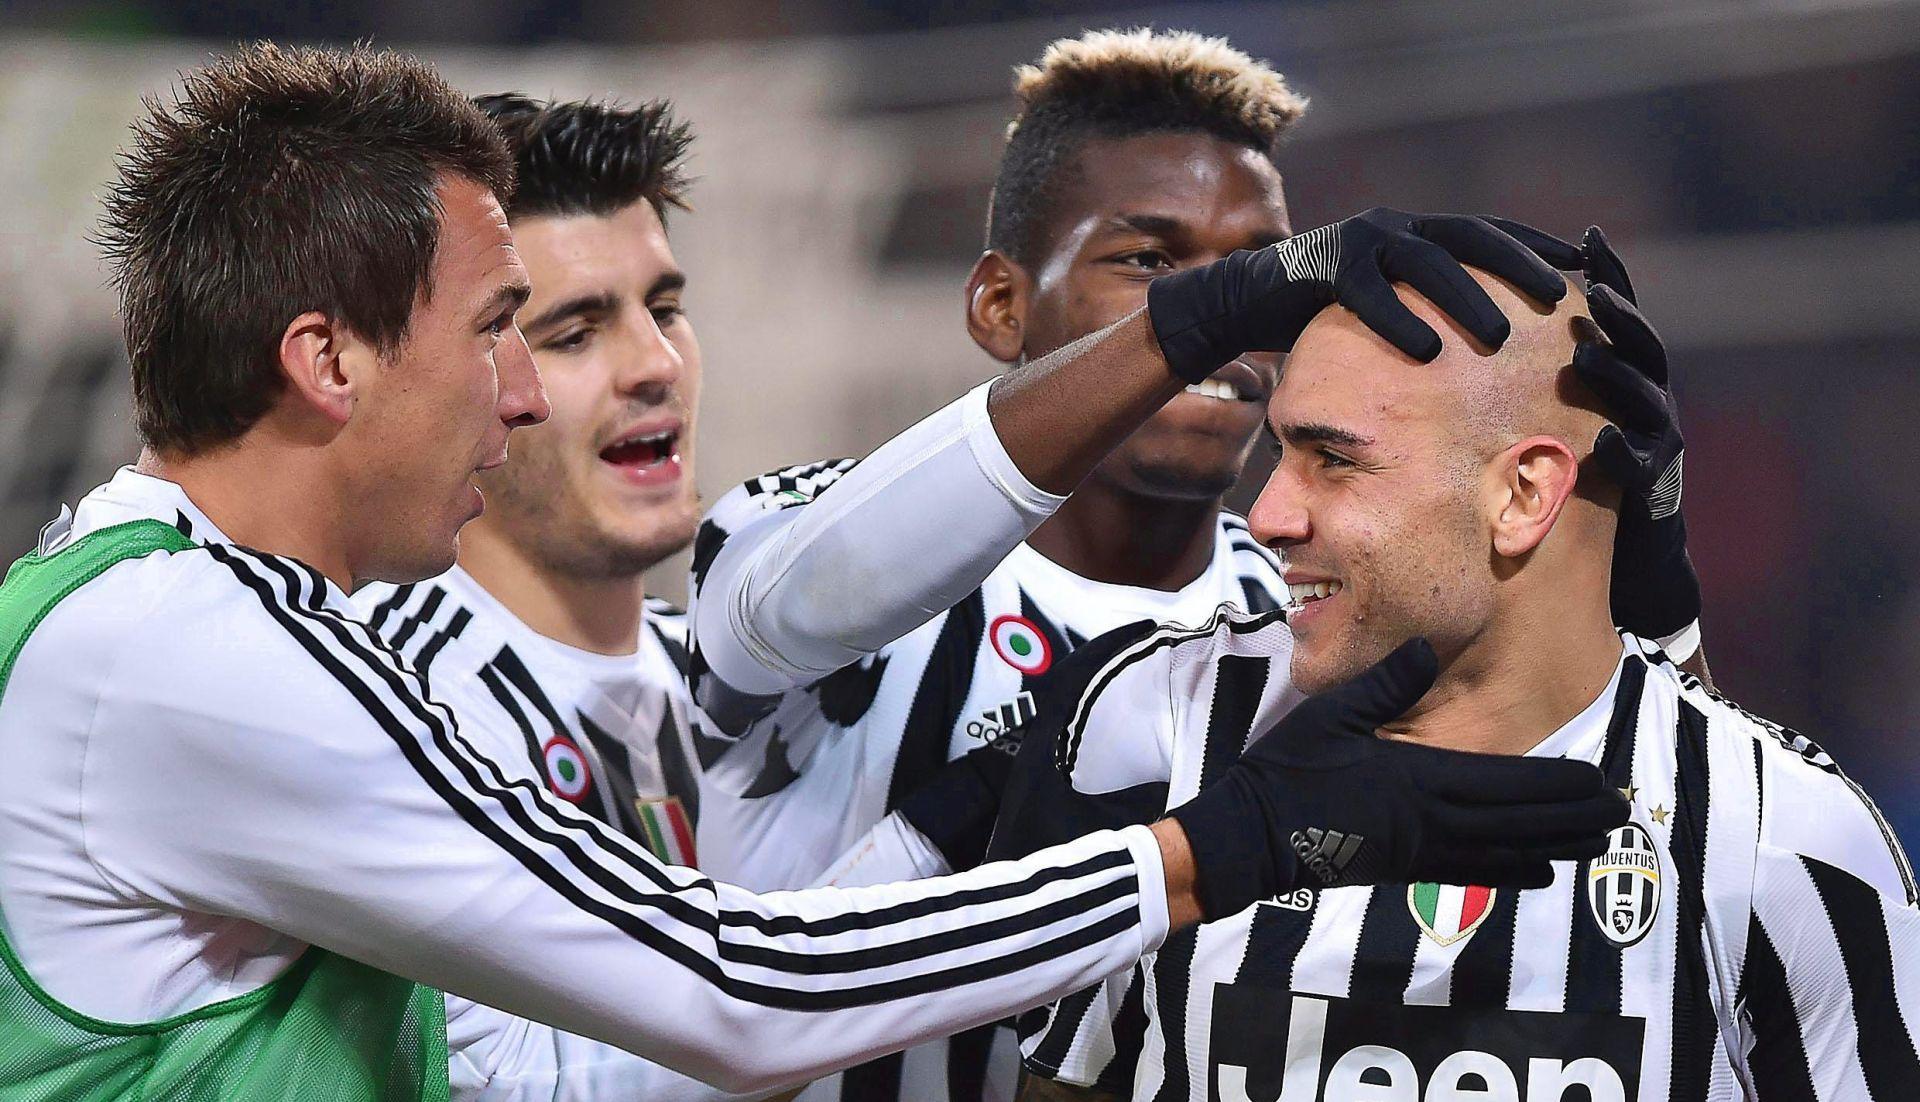 VELIKO SLAVLJE SPEZIJE Juventus i Napoli prošli, Fiorentina i Roma ispali